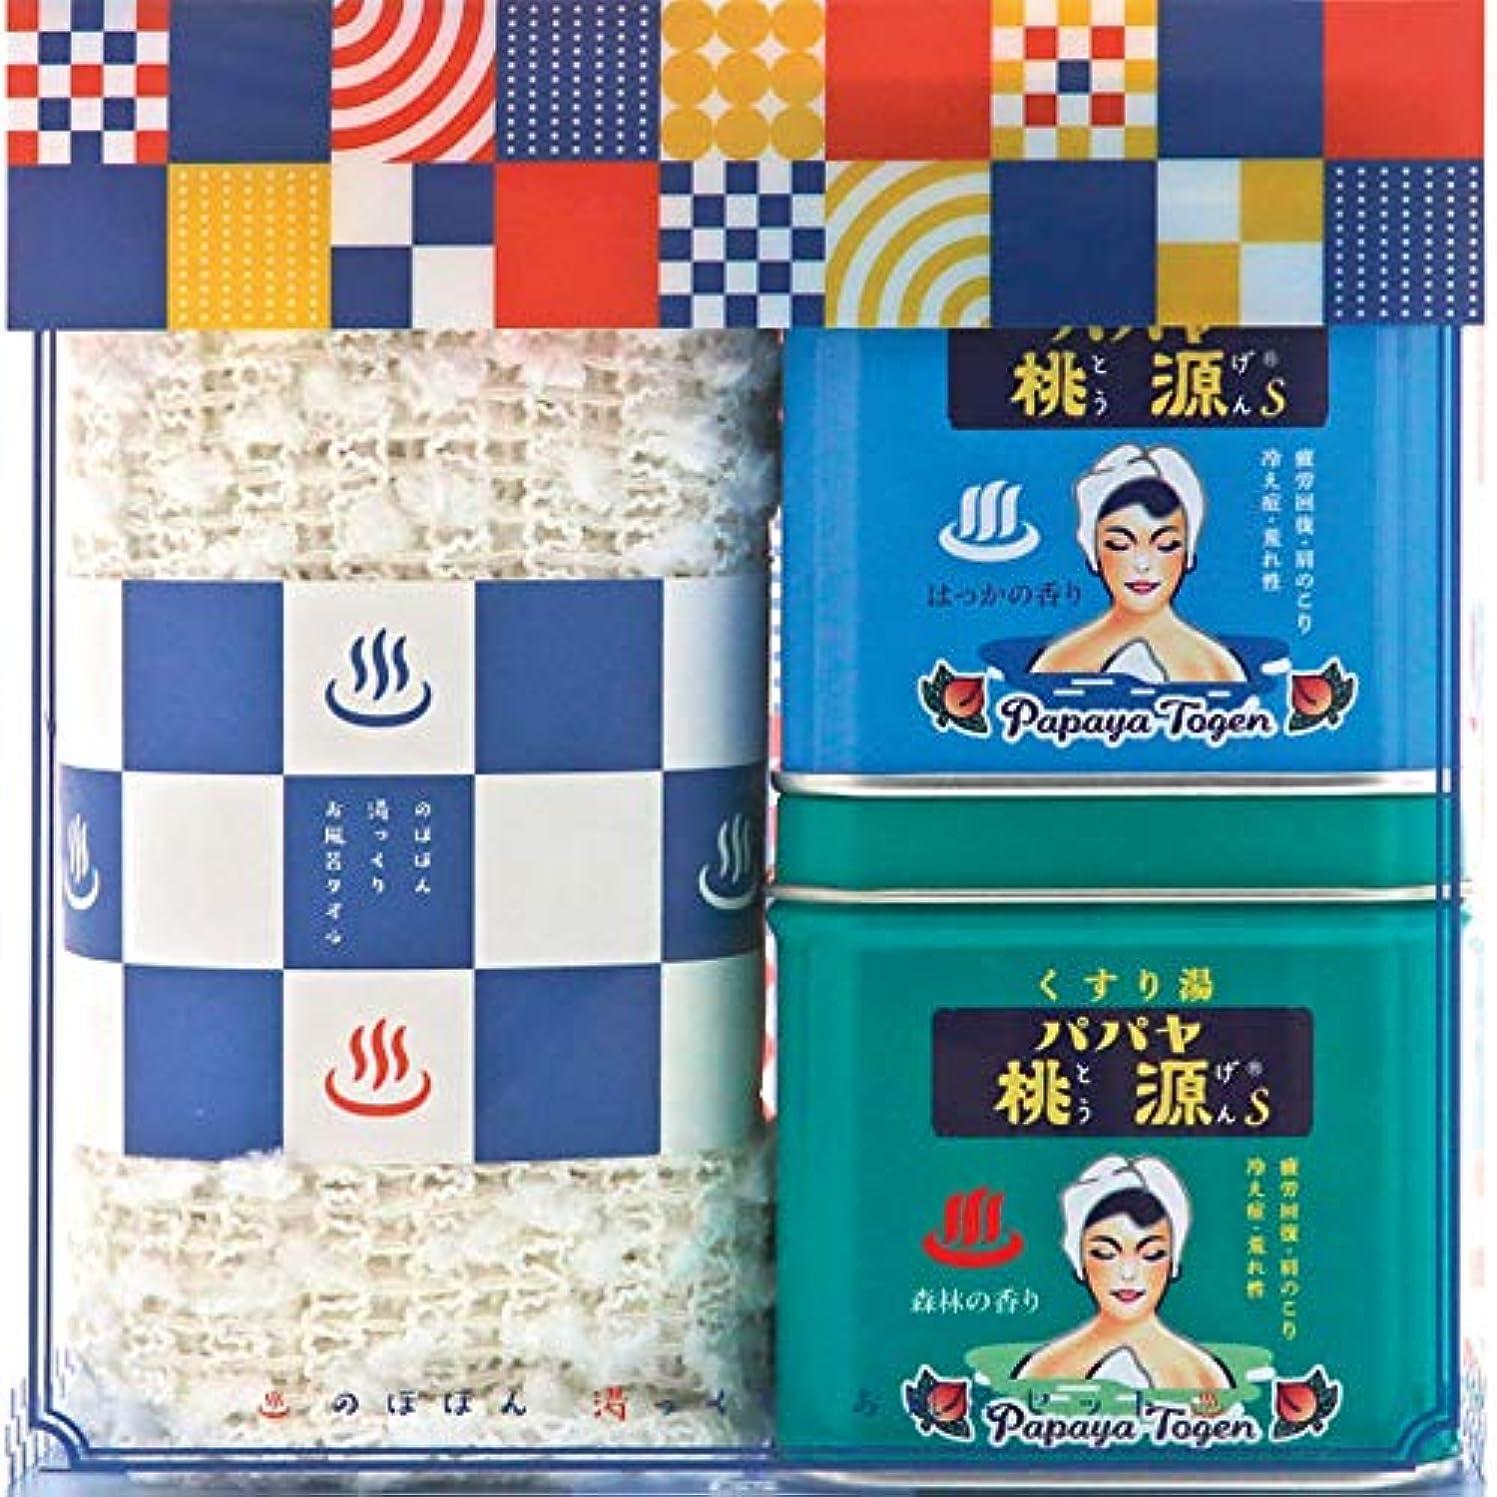 増強国旗集中パパヤ桃源 のほほん湯っくりお風呂セットB (五洲薬品)